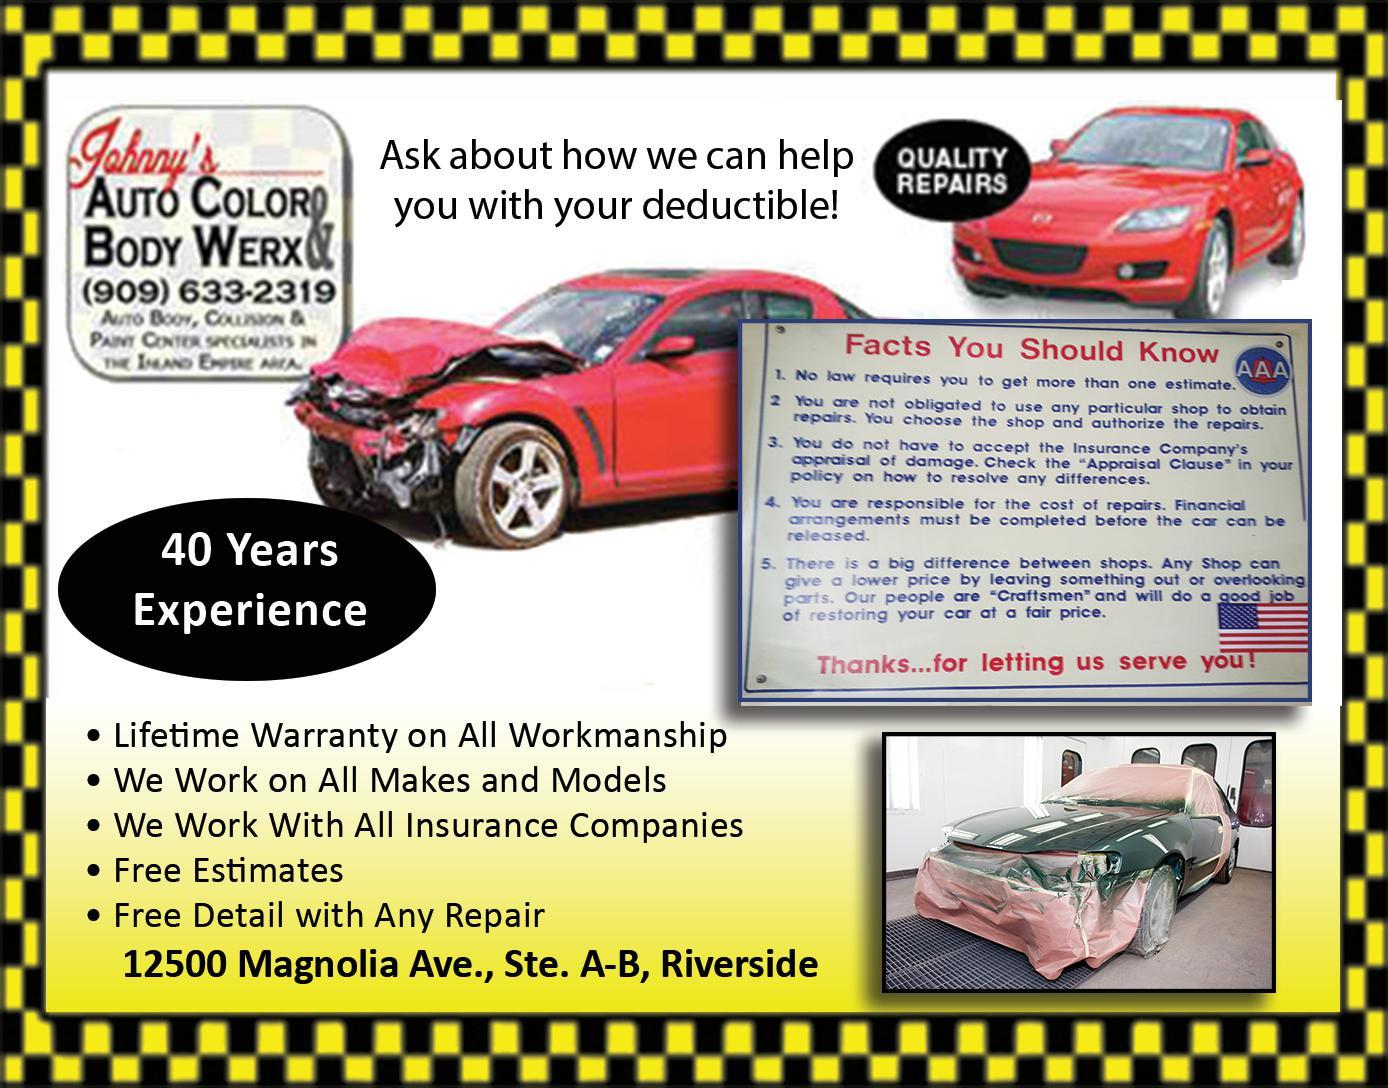 Johnny's Auto Color & Body Werx